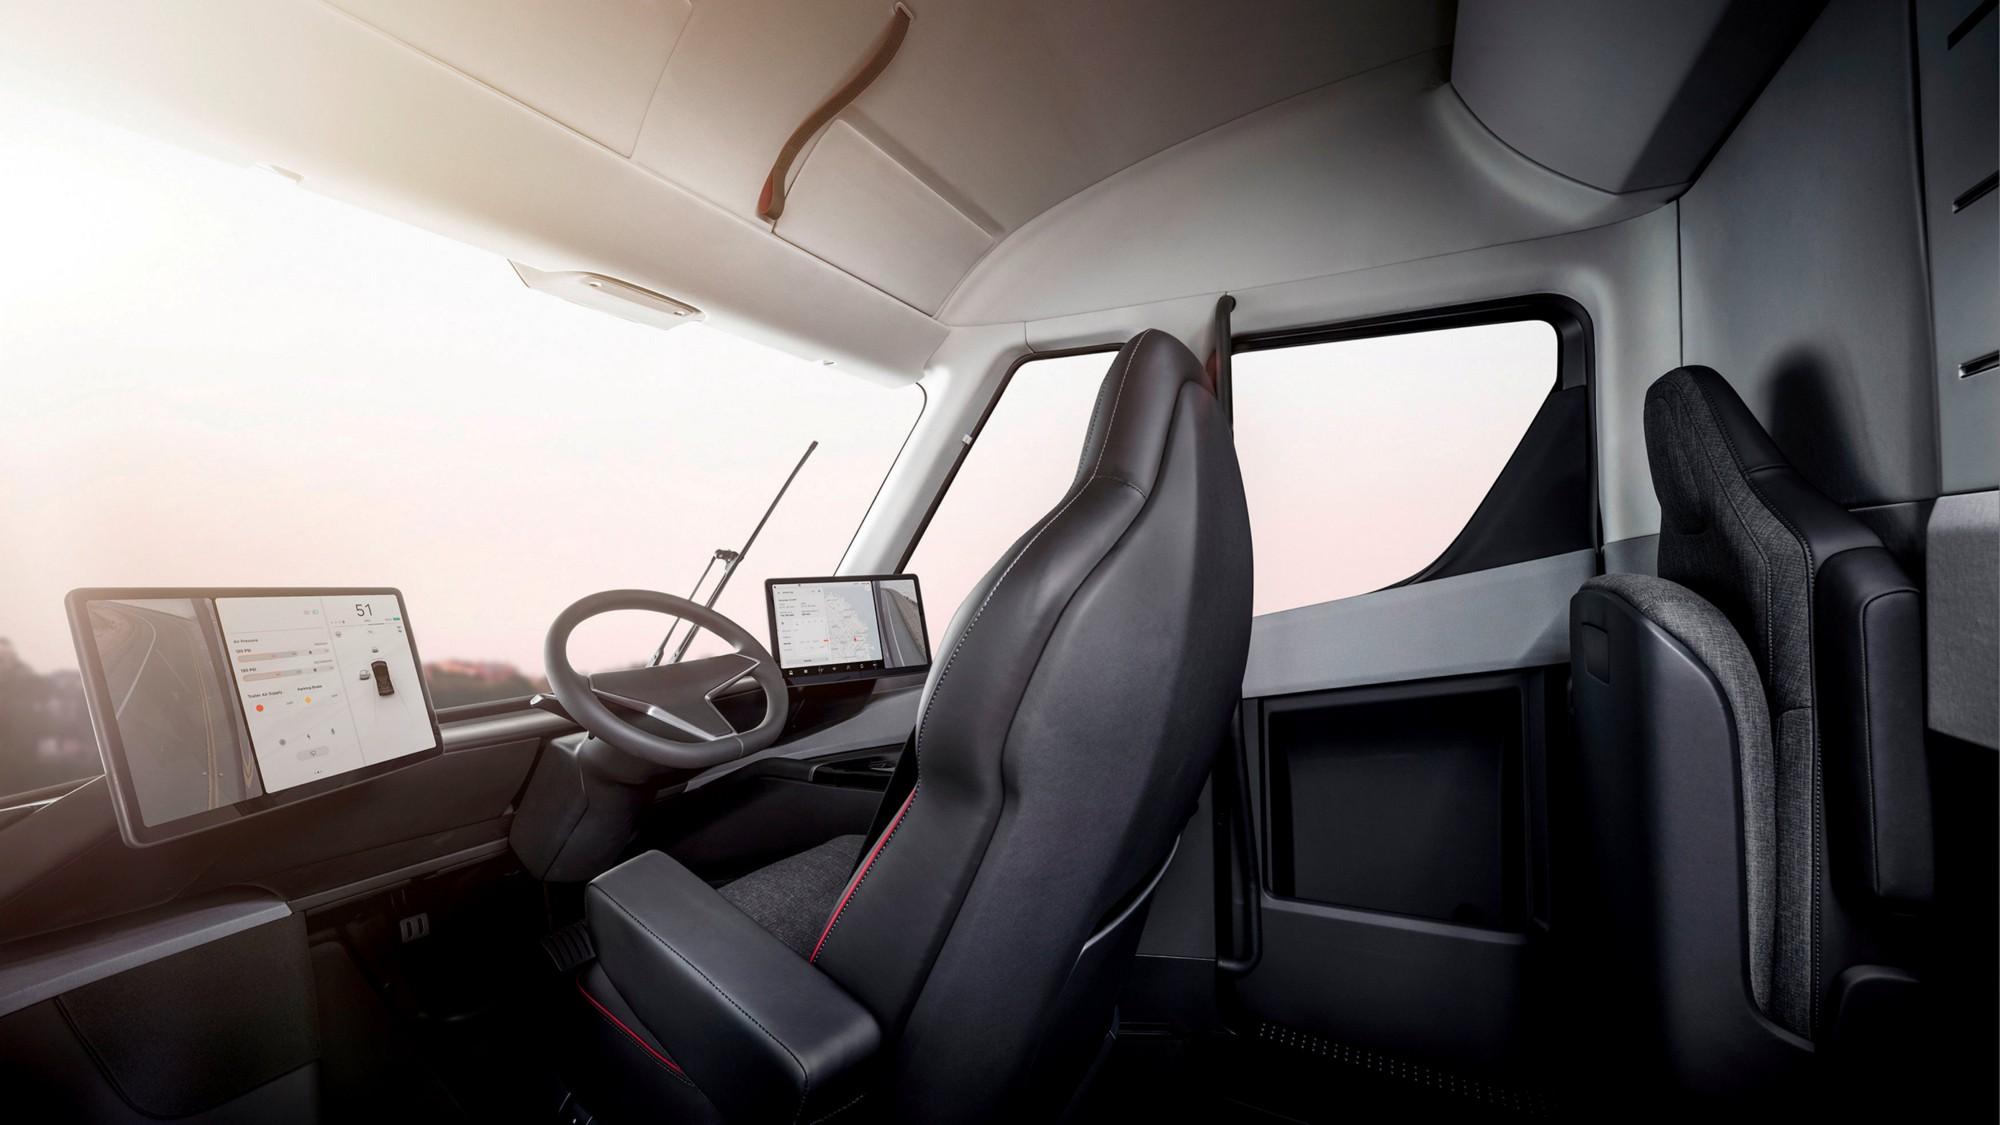 Tesla Semi грузовой электромобиль, с которым придется считаться - 3